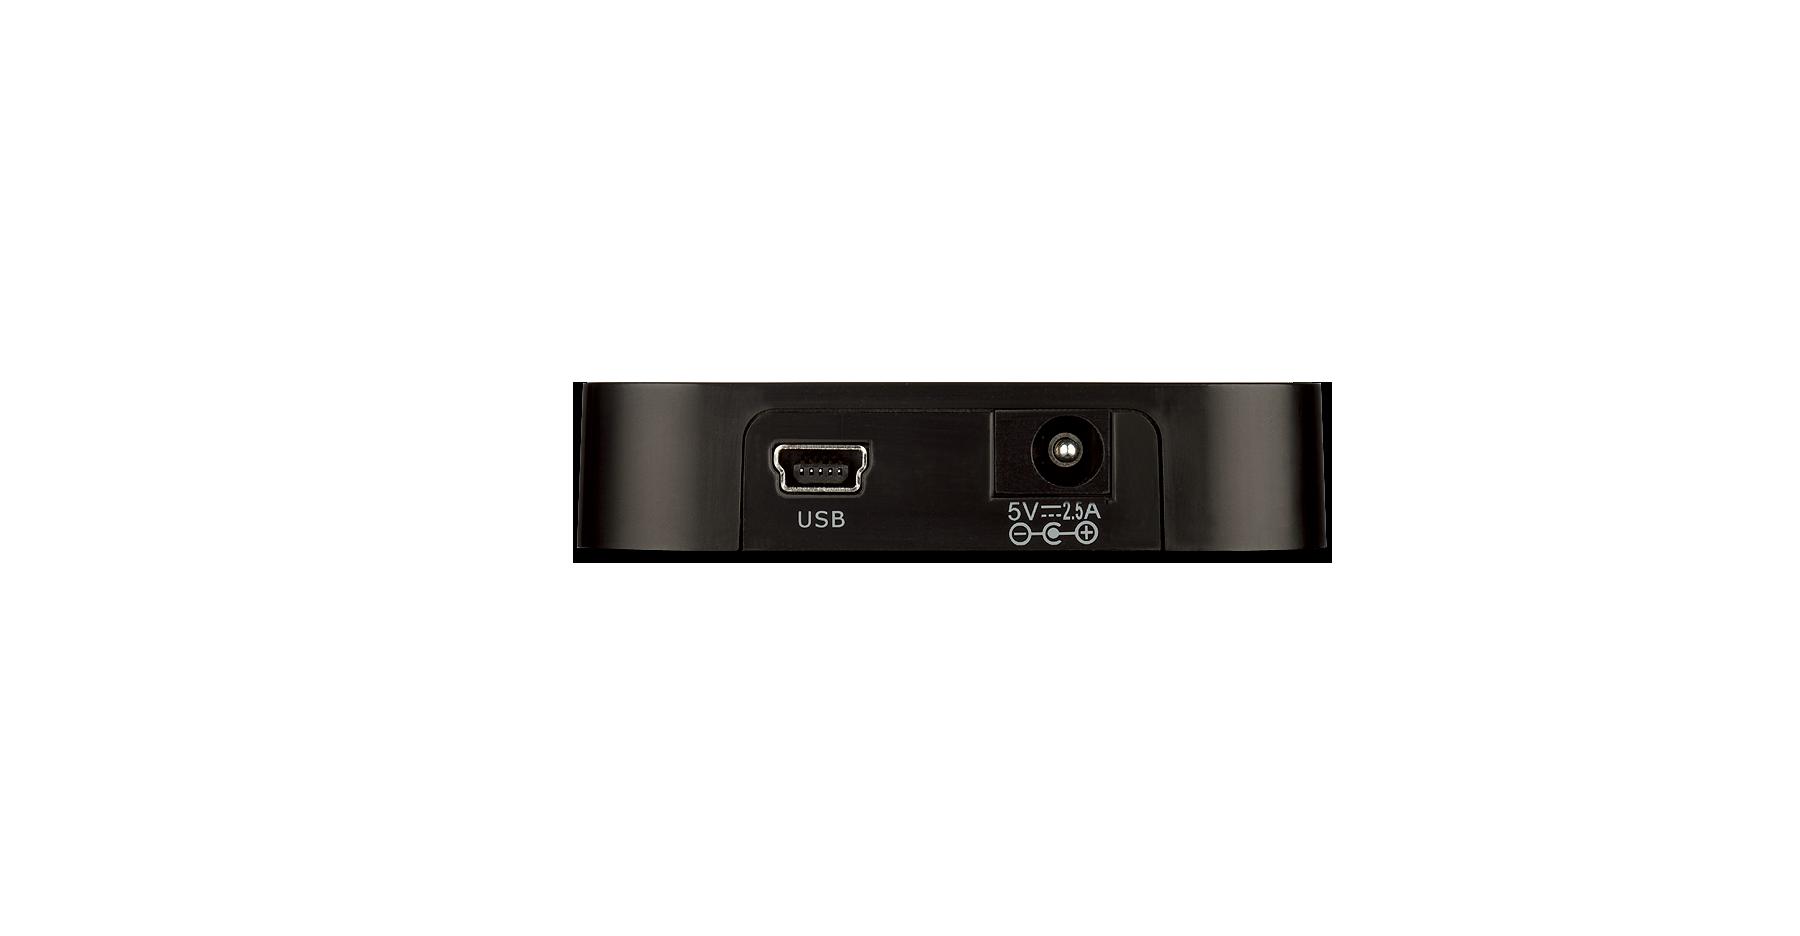 D-LINK DUB-H4 USB 2.0 4-PORT HUB DRIVER DOWNLOAD